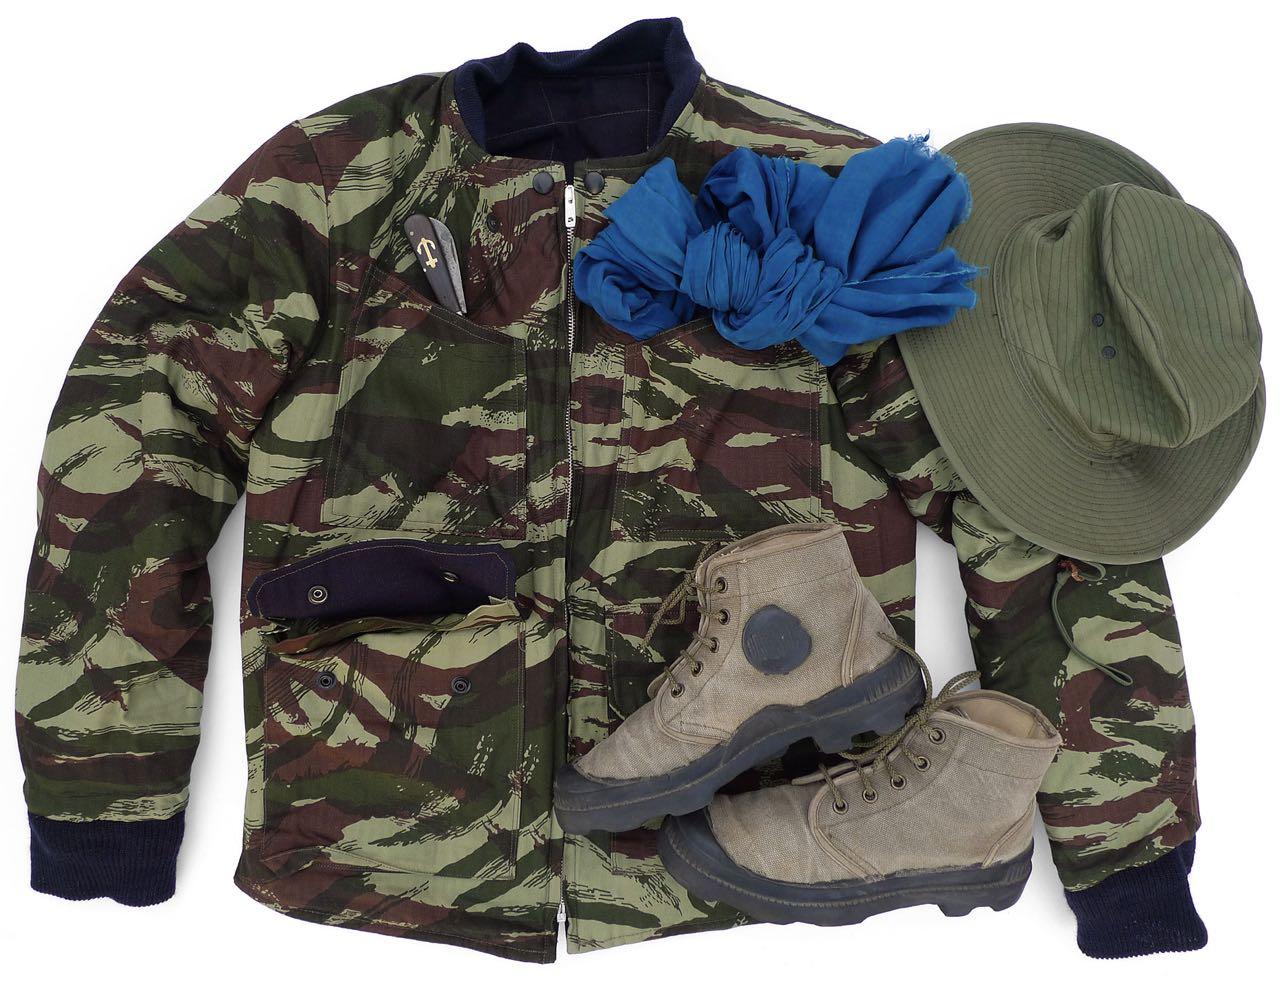 tap-vanden-jacket-10-lrg.jpg